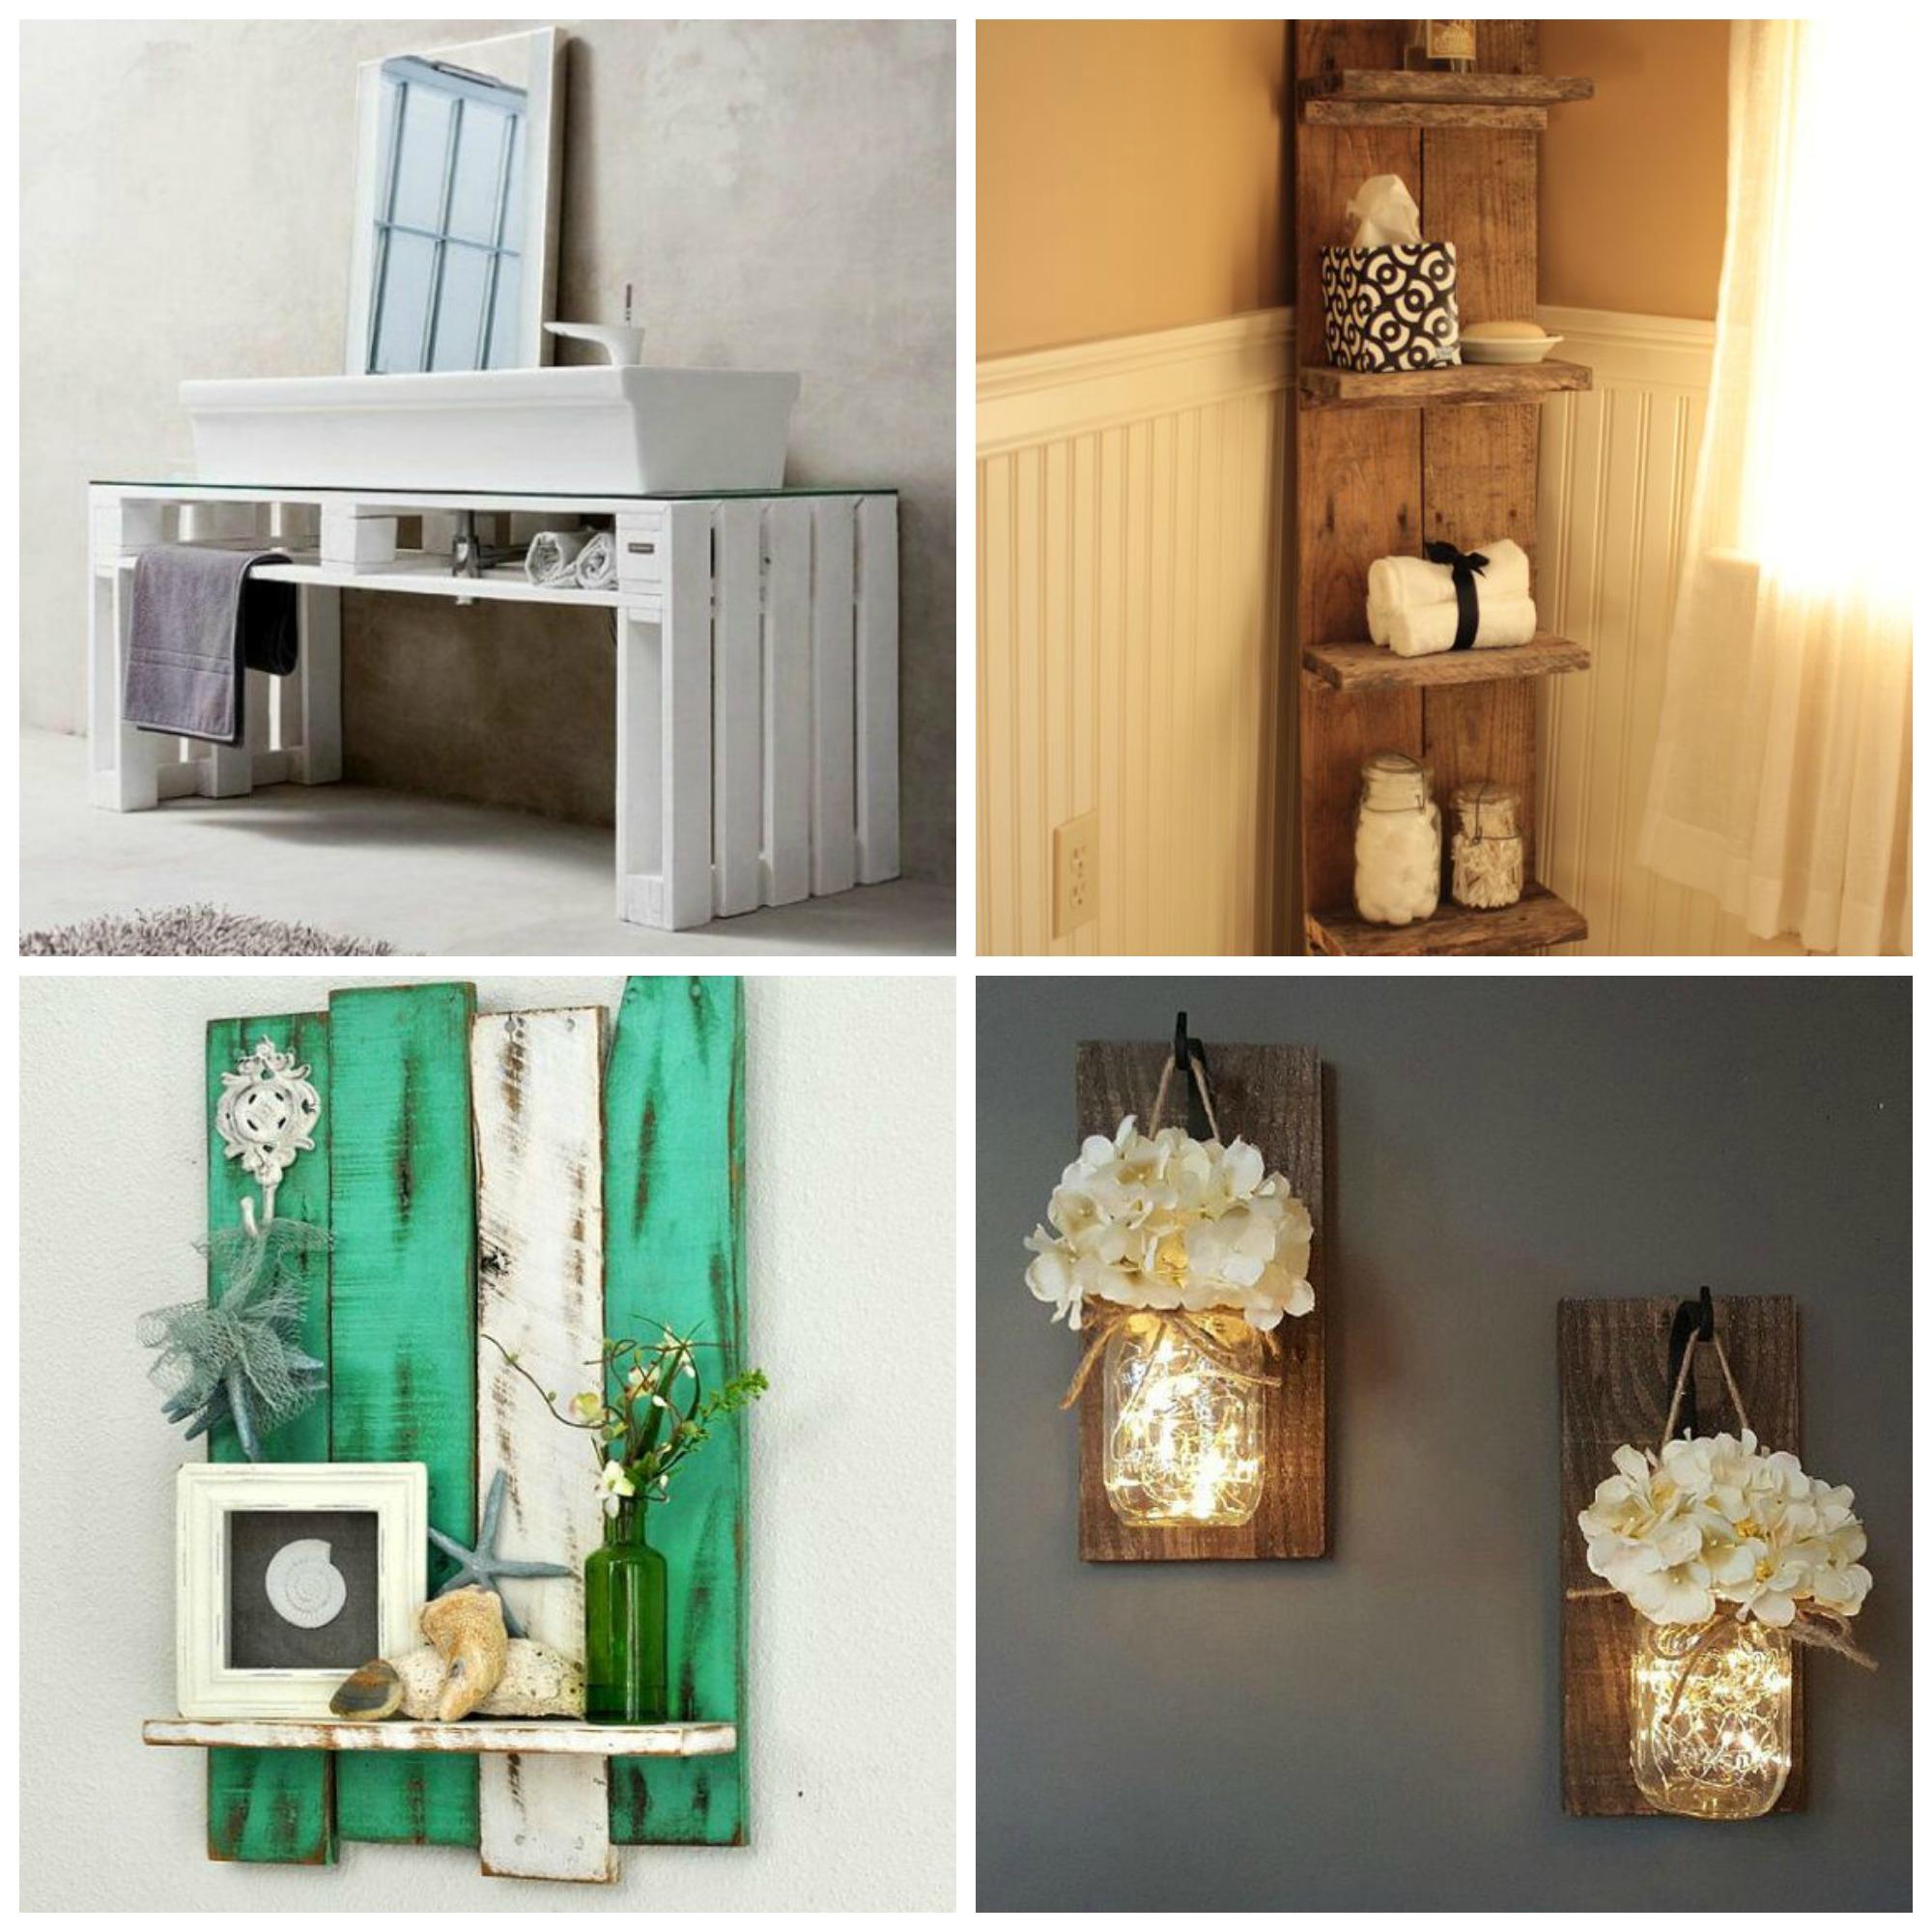 Pallet idee creative per arredare la casa al mare - Idee per imbiancare casa ...